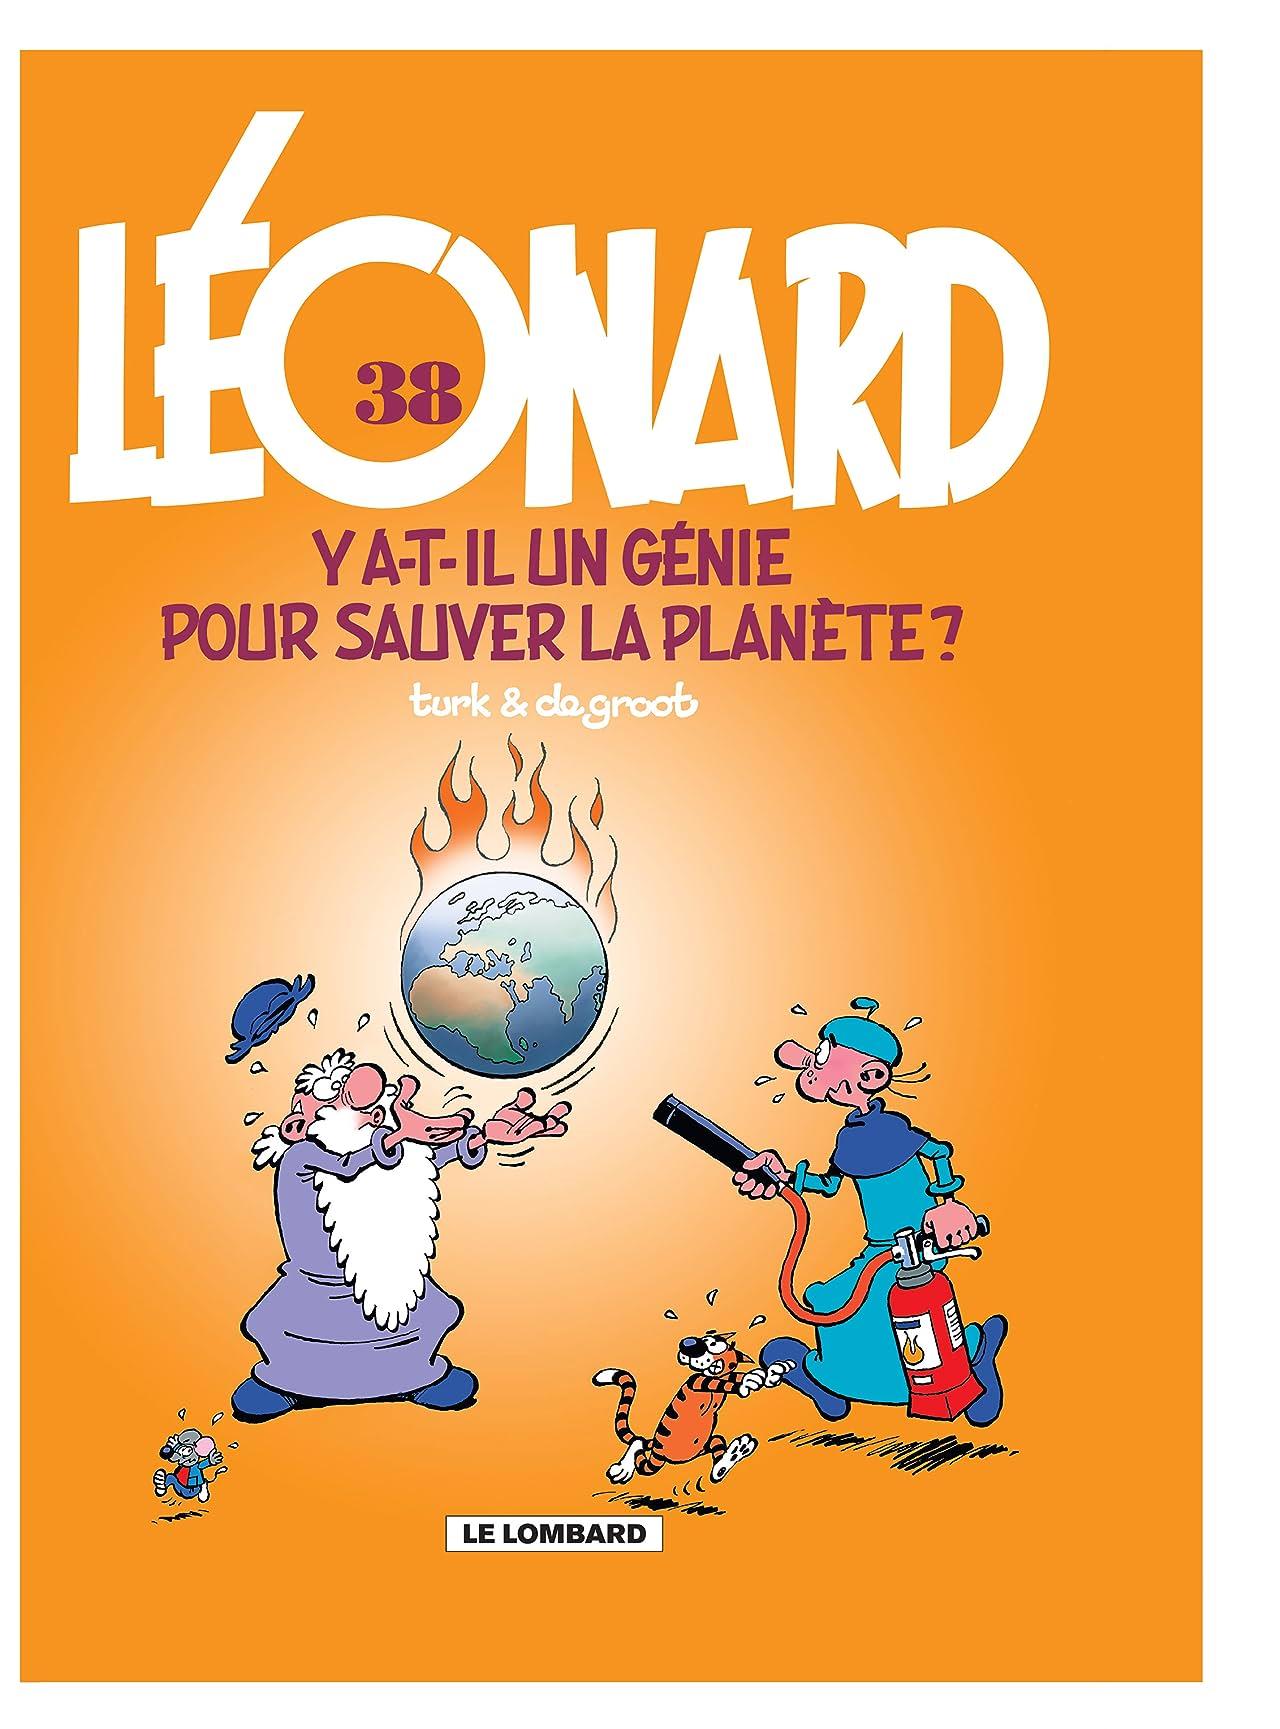 Léonard Vol. 38: Y'a-t-il un génie pour sauver la plančte ?